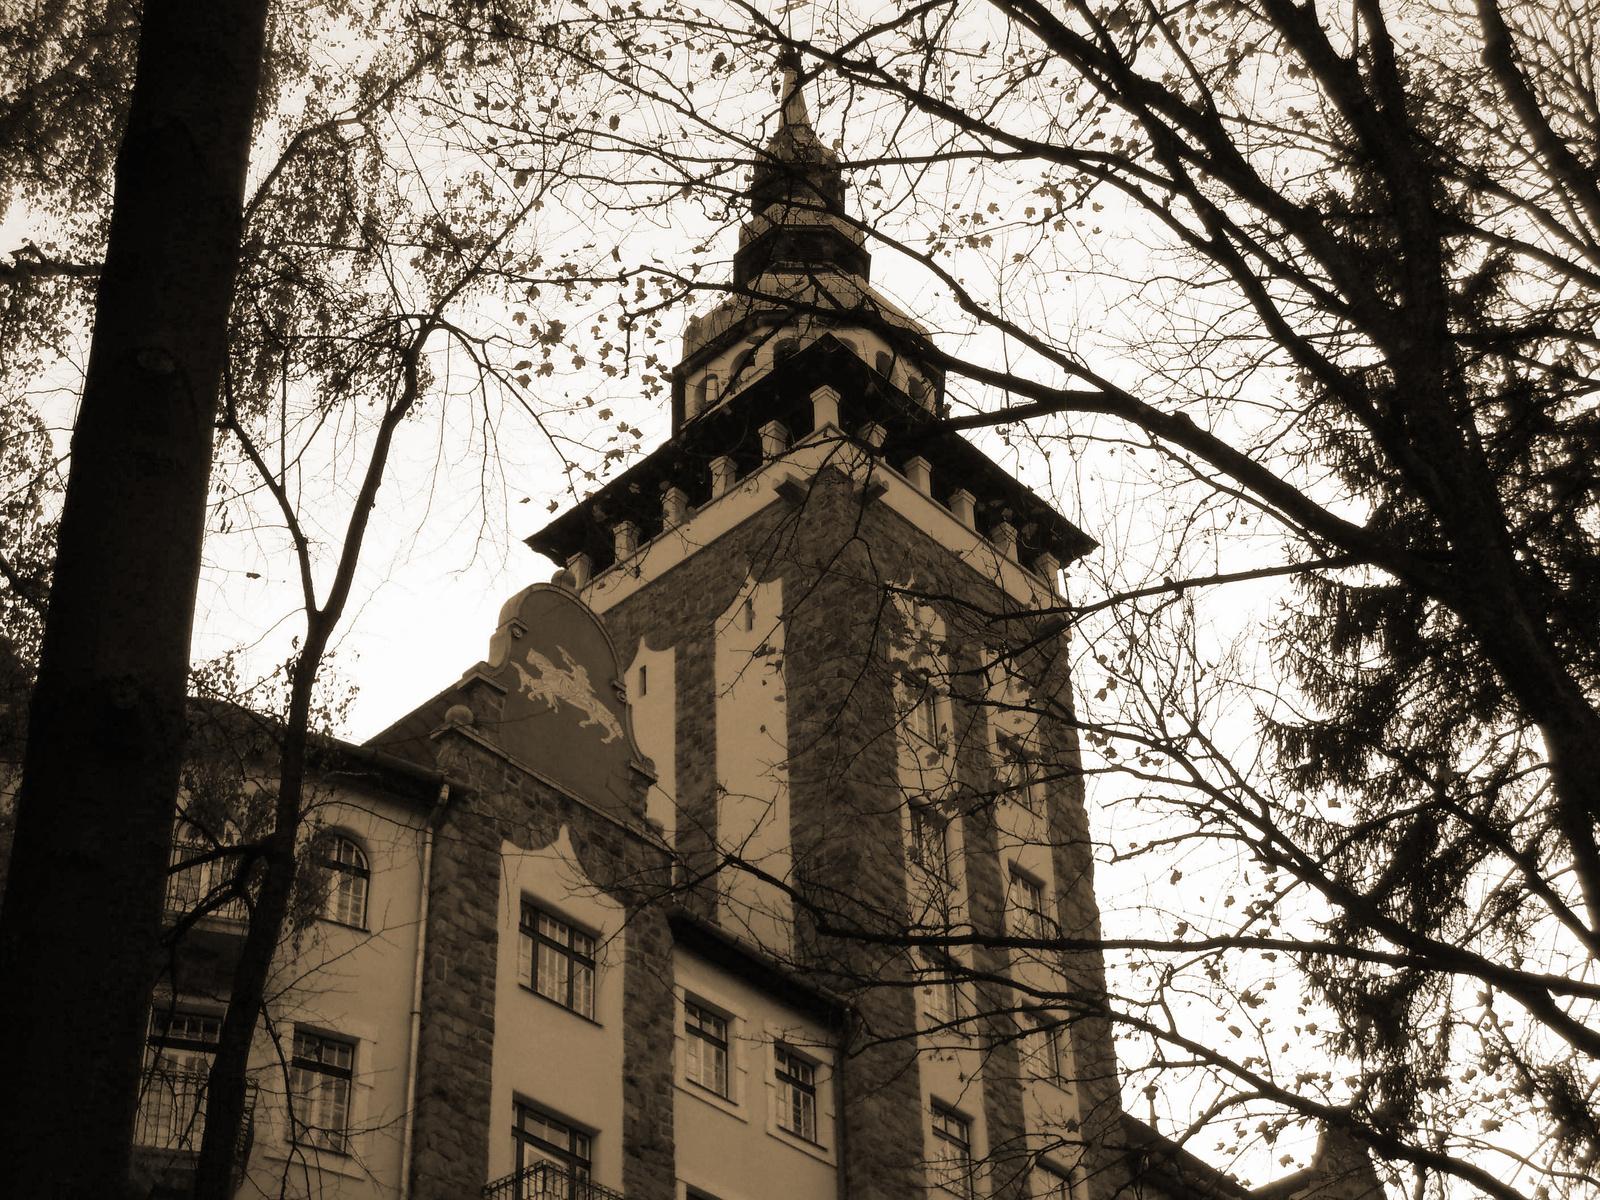 Palotaszálló tornya